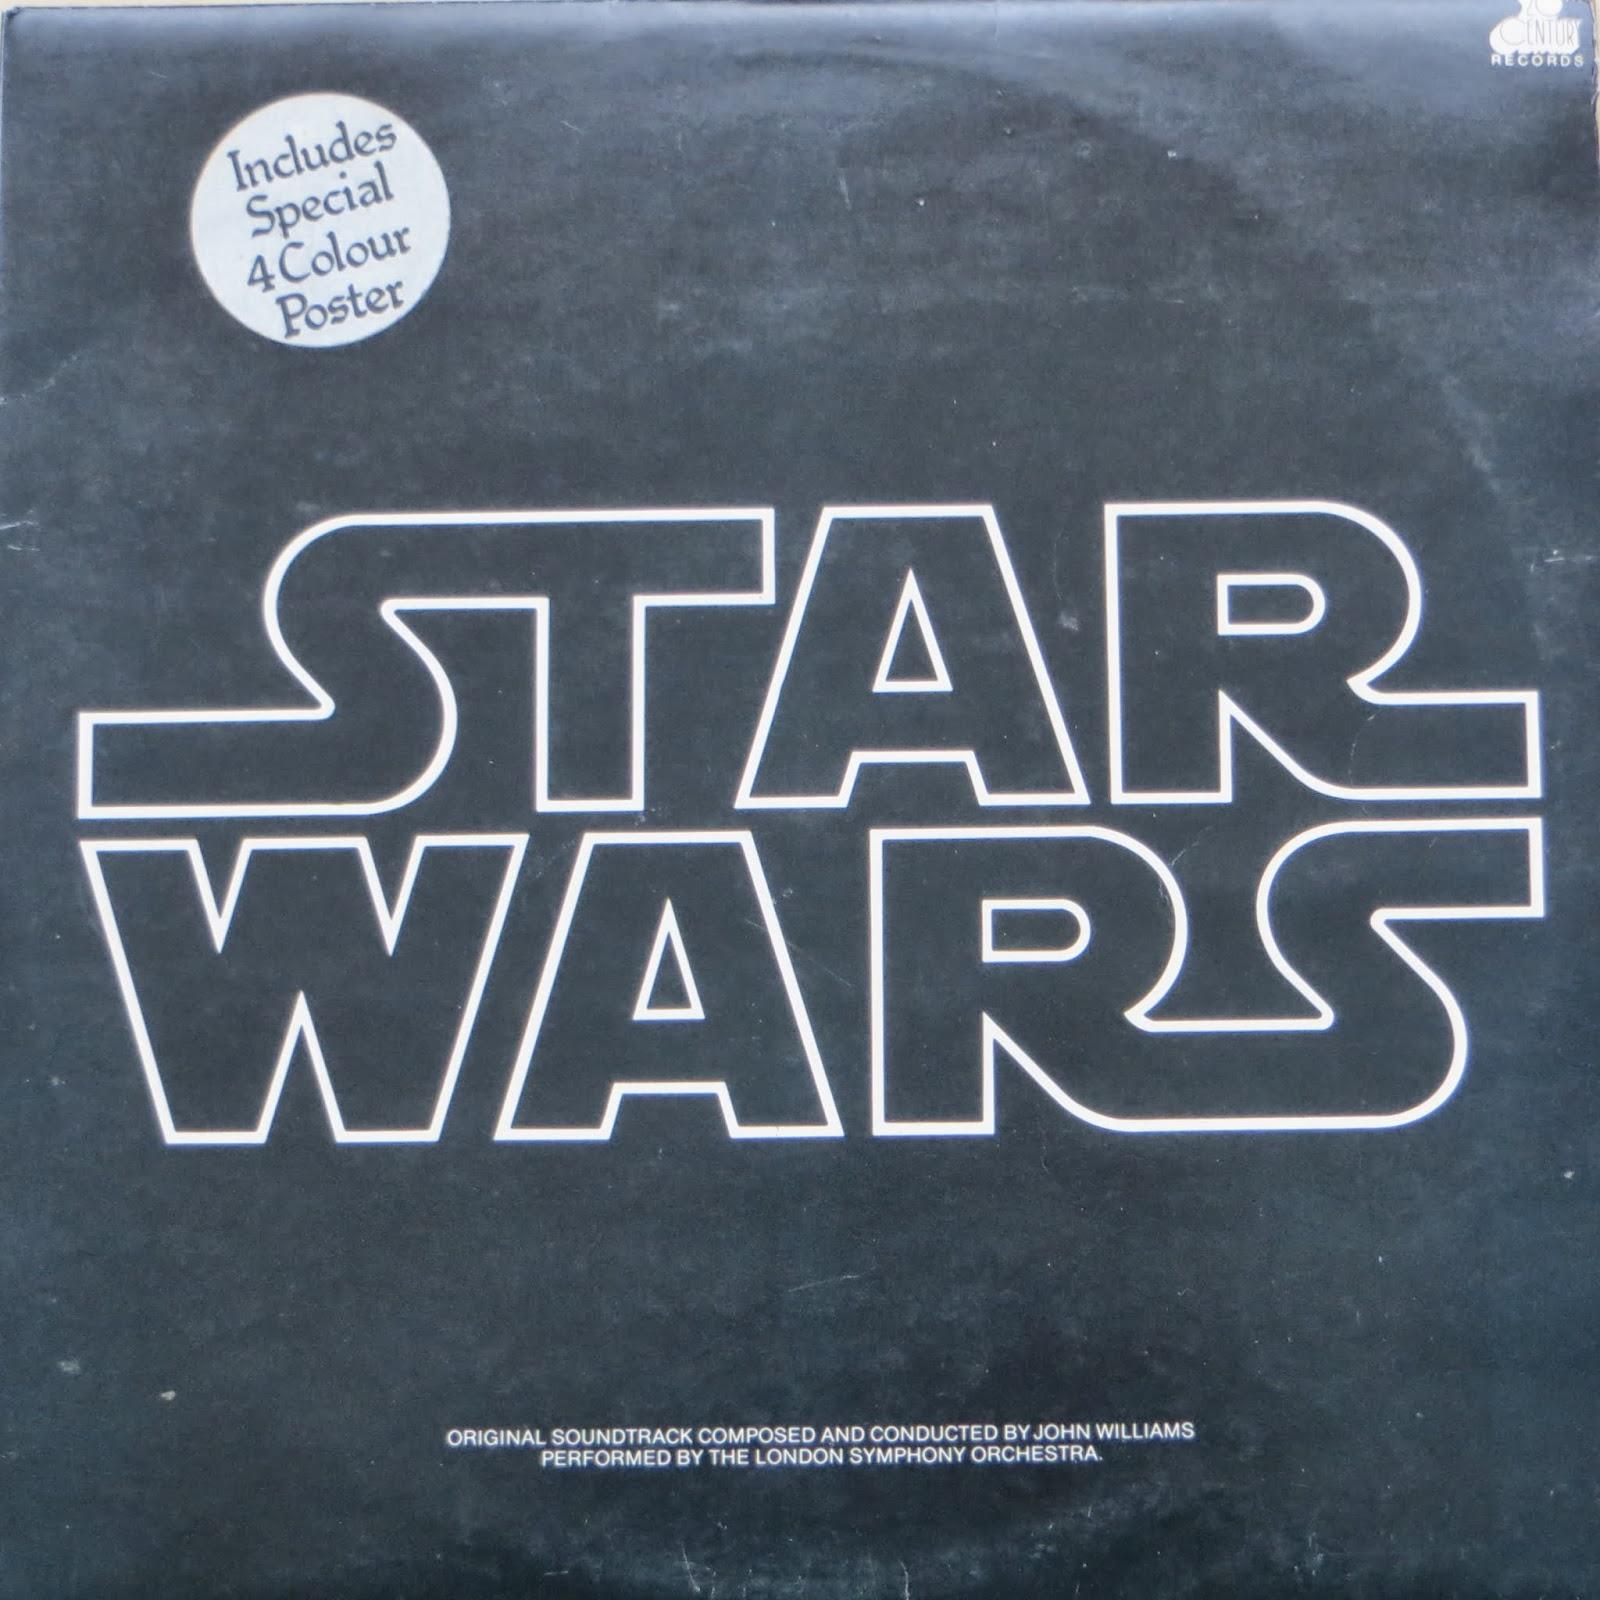 Star Wars Музыка Из Бара Скачать